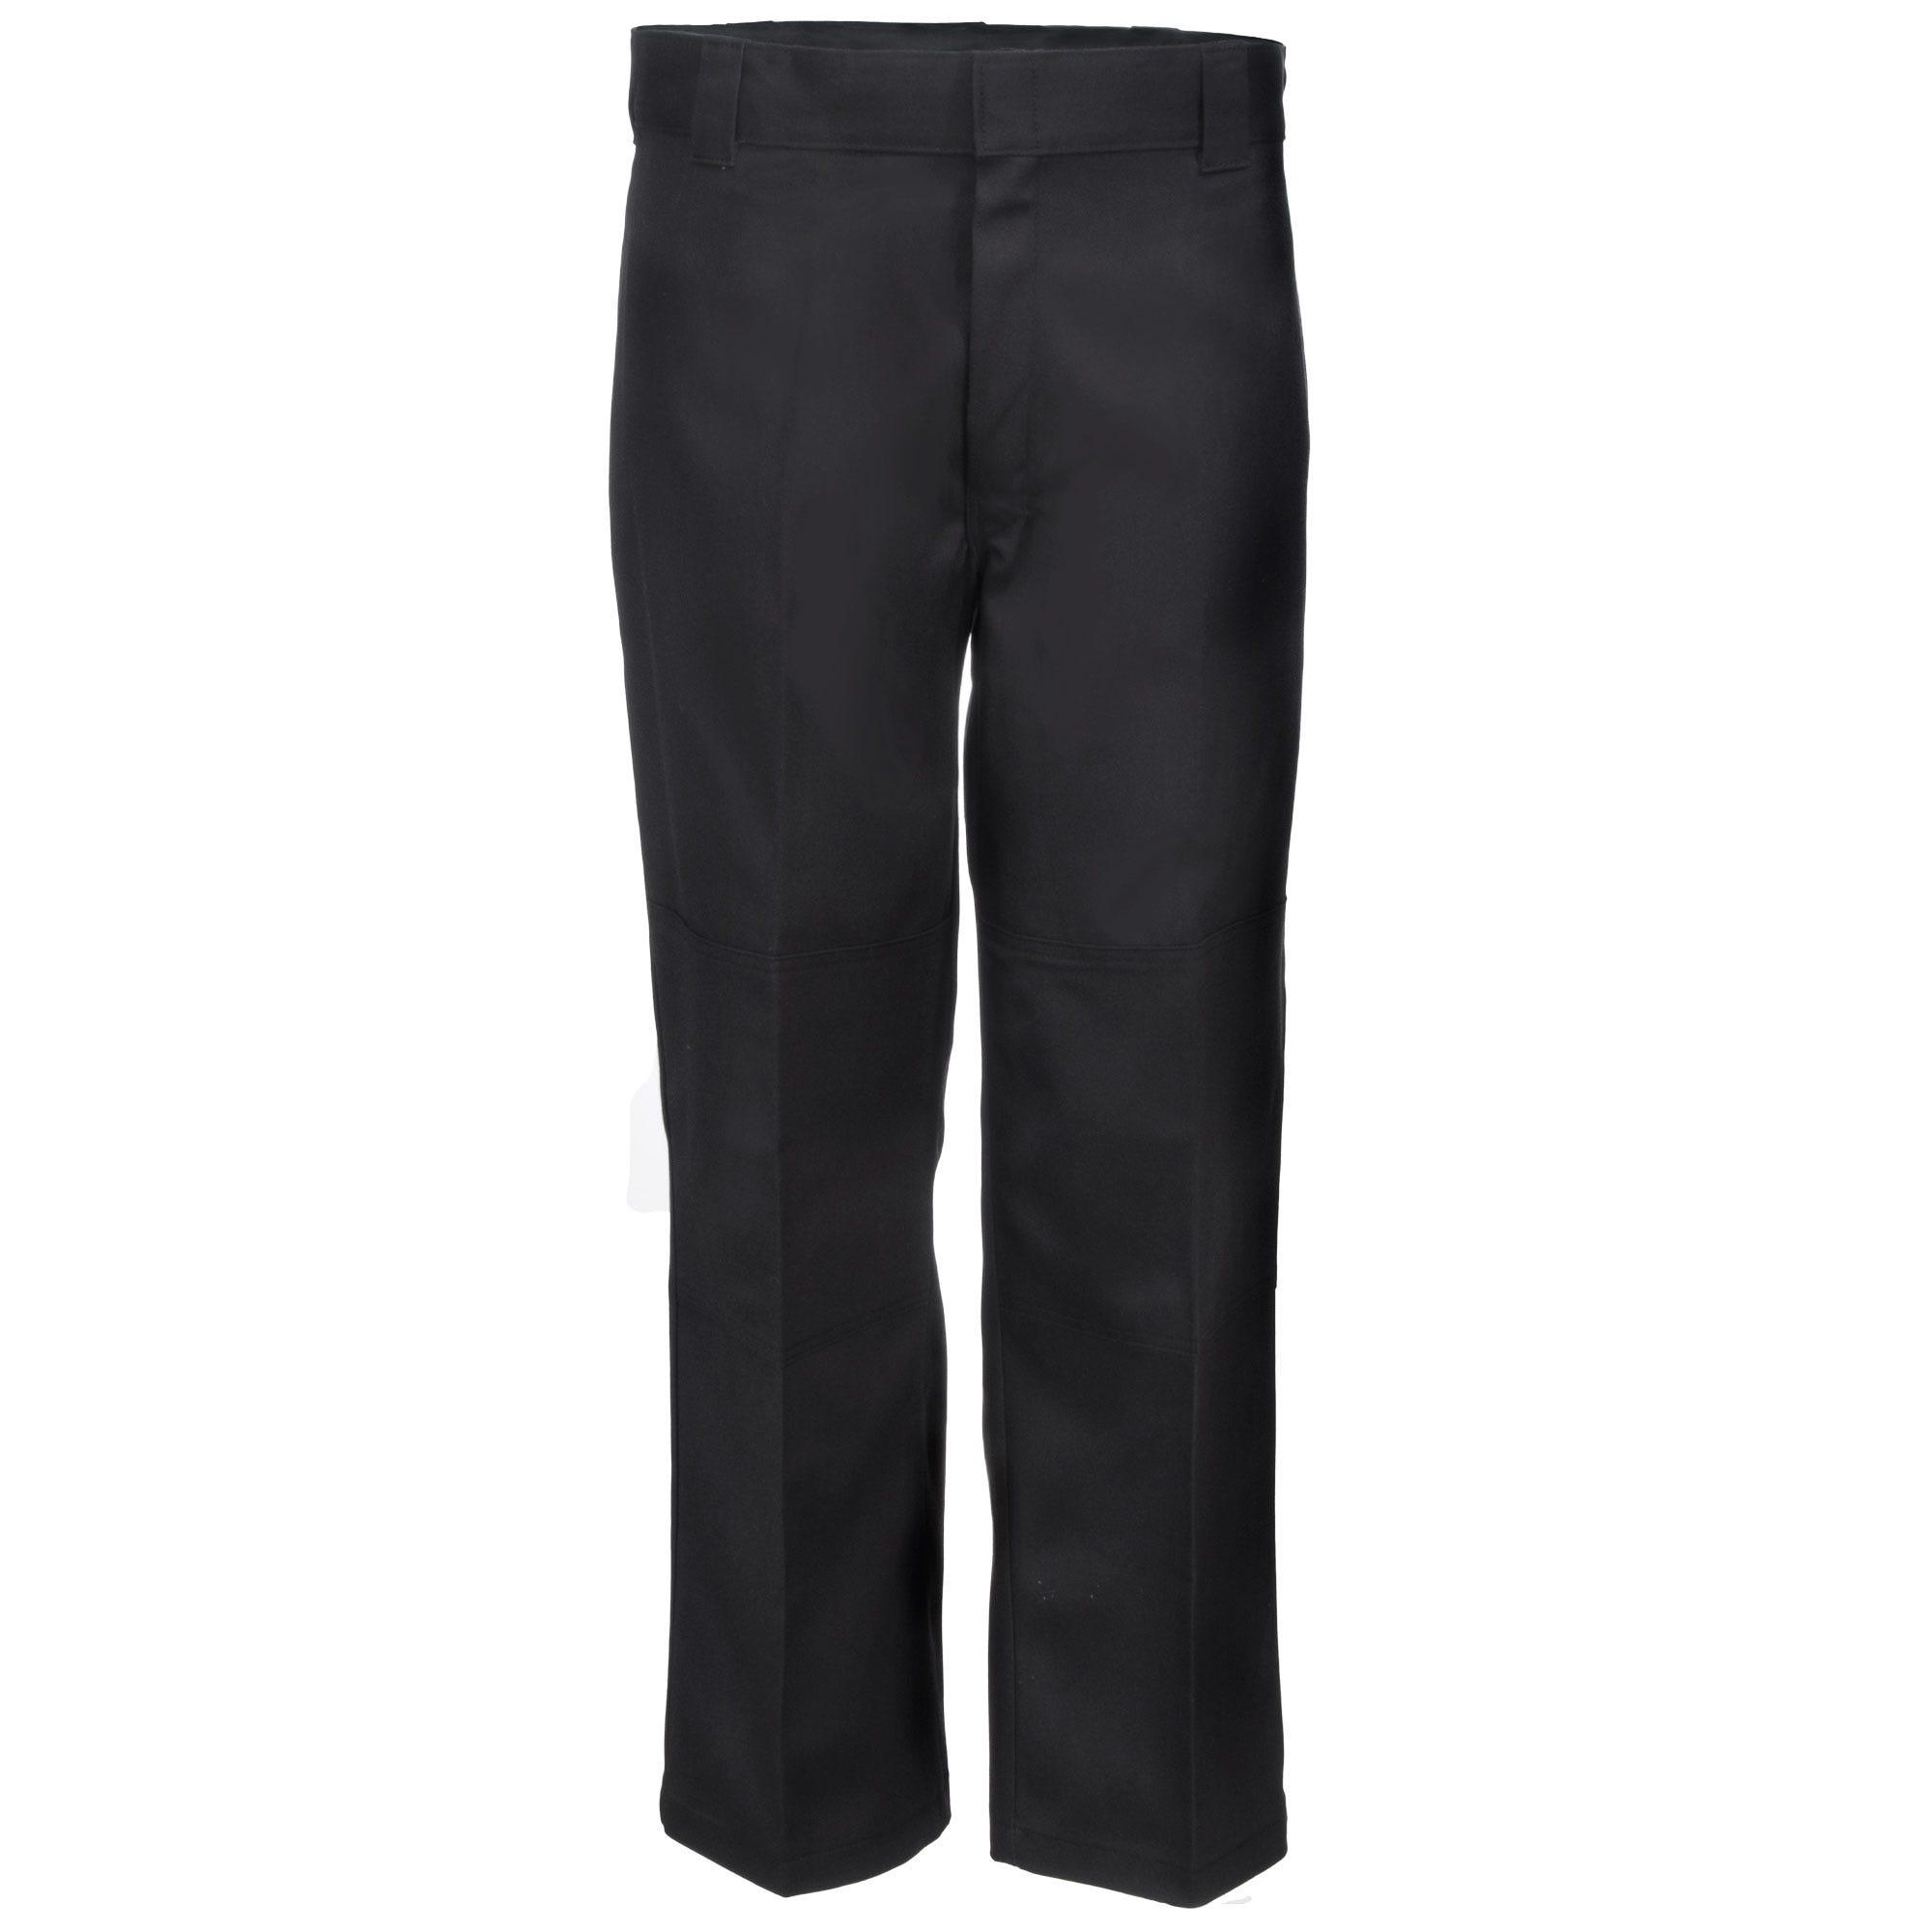 Dickies Black 85283 FBK Flex Loose Fit Double Knee Work Pants